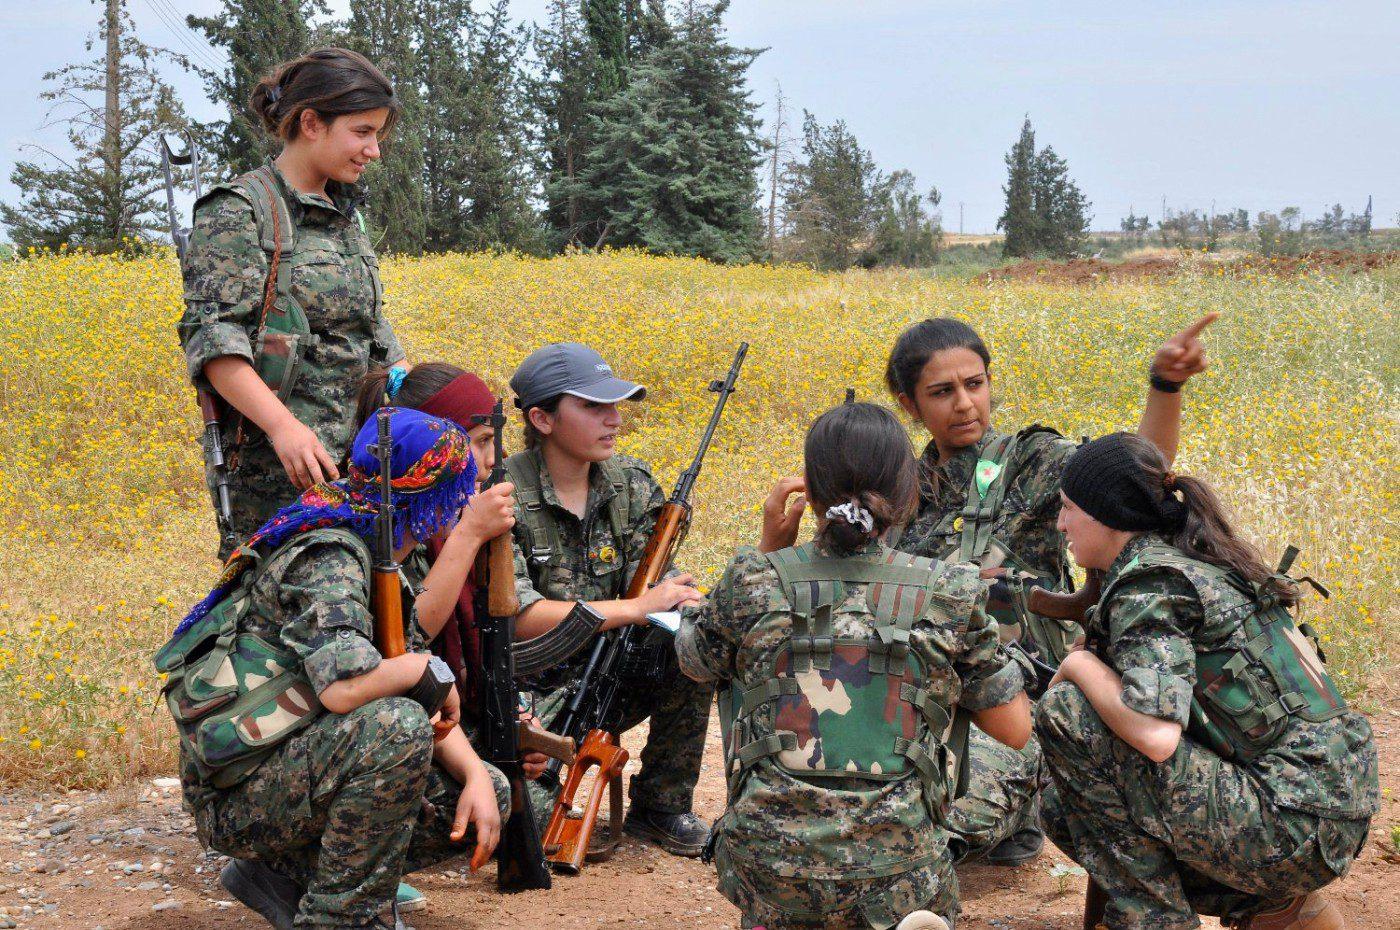 زنان و جنگ